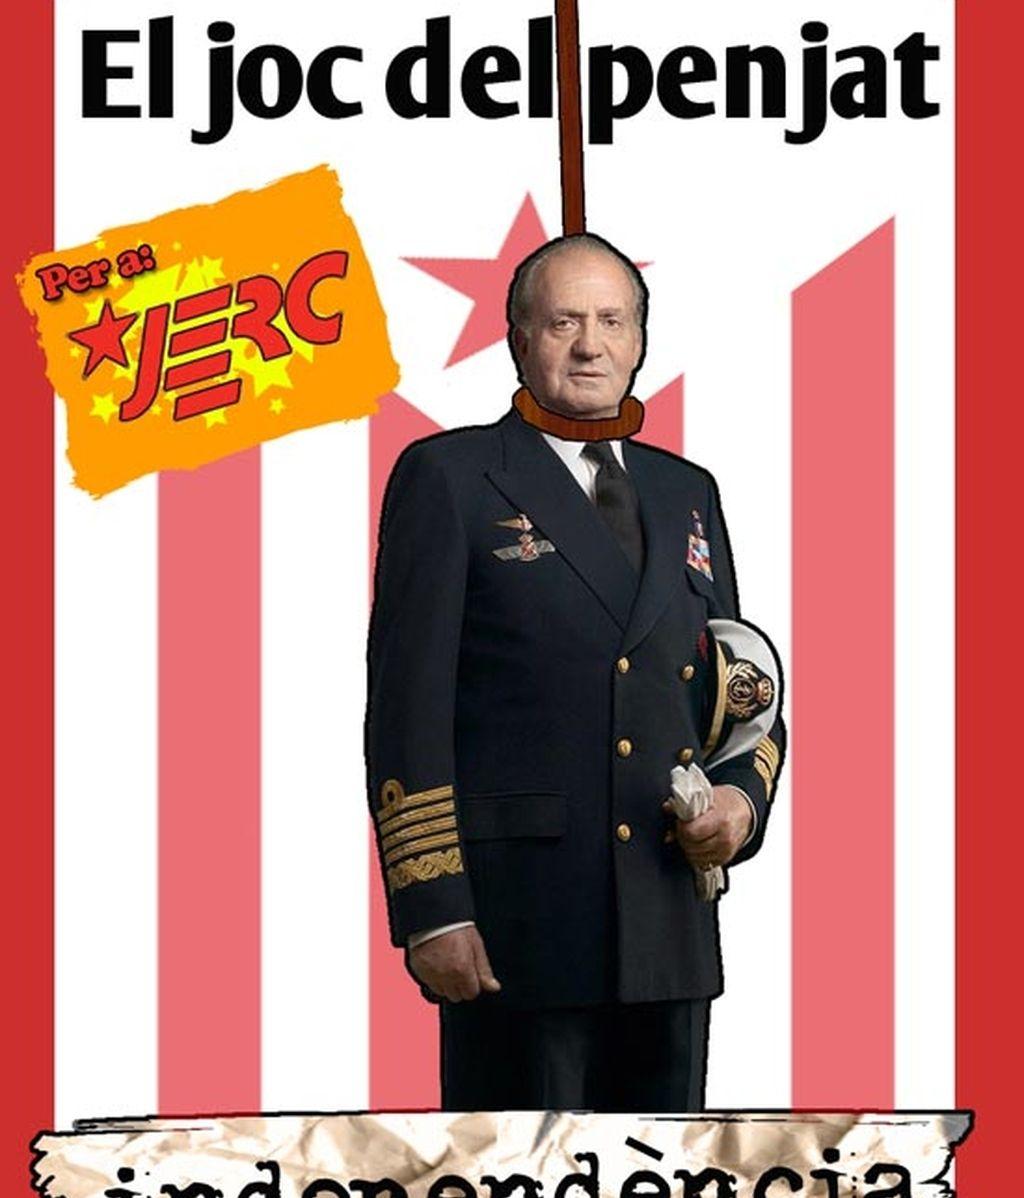 """Una de las postales muestra a Don Juan Carlos como protagonista del """"Juego del ahorcado"""" Foto: JERC"""